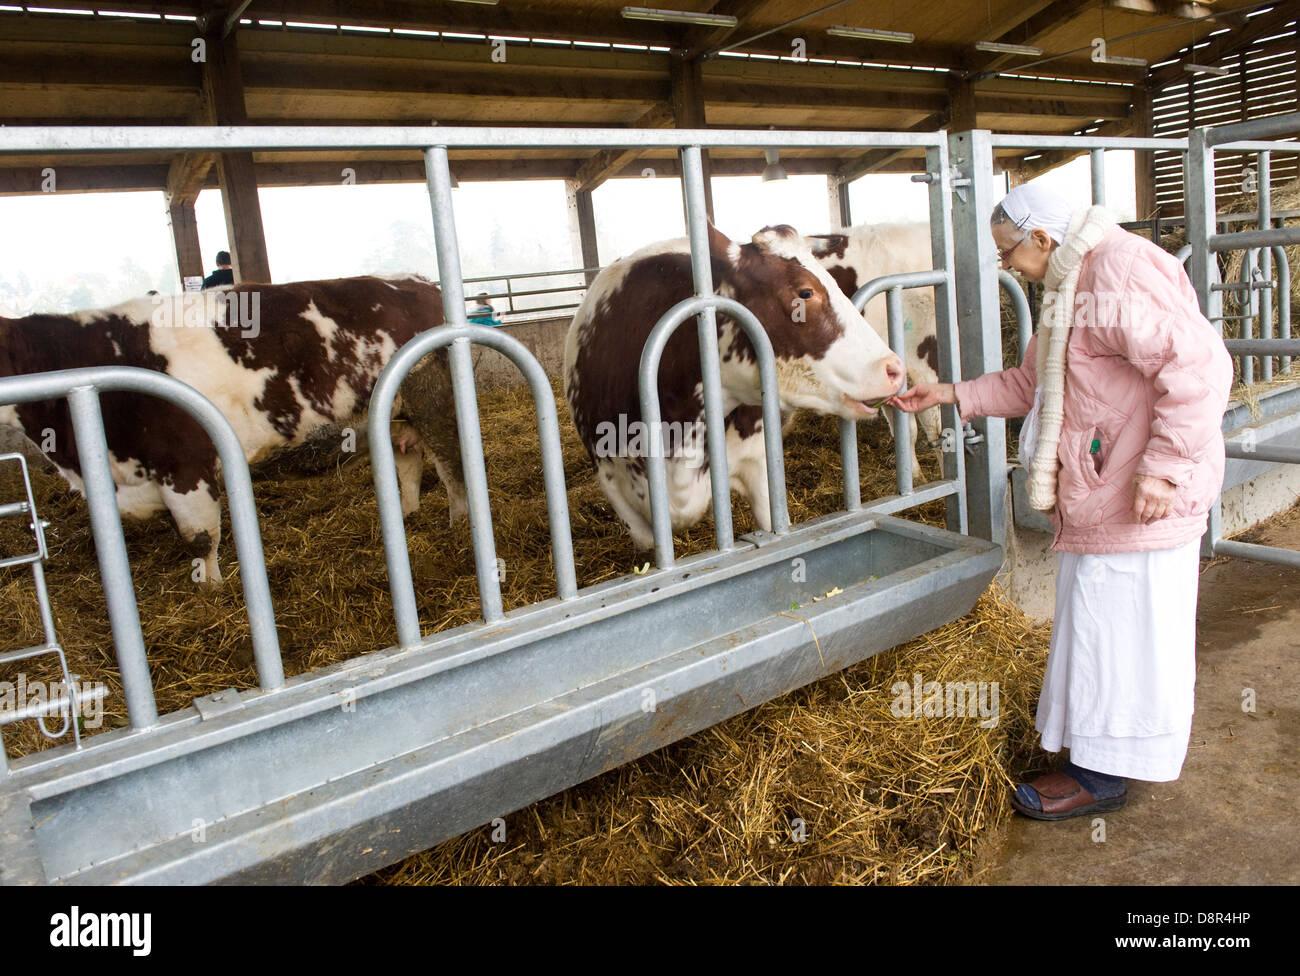 """Gokul pix y lácteos copyright Nick Cunard el Hare Krishna manada de 44 vacas y bueyes en George Harrison's mansión en Hertfordshire, es tan tranquilo como un templo. Gokul Dairy Farm [significado lugar de vacas ] comprende 44 vacas y bueyes parte de George Harrison's mansión Bhaktivedanta Manor en Hertfordshire . Una £2.5m 'protegidas' complejo de vaca se la ha denominado una """"Hilton"""" para las vacas y un plan sostenible para la producción lechera. Los 3.000 metros cuadrados de edificio que es el hogar de invierno de la manada, es un cruce entre un vivero, un workhouse y una casa de vacas viejas. Aunque no está a la venta al público los costes de TI Foto de stock"""